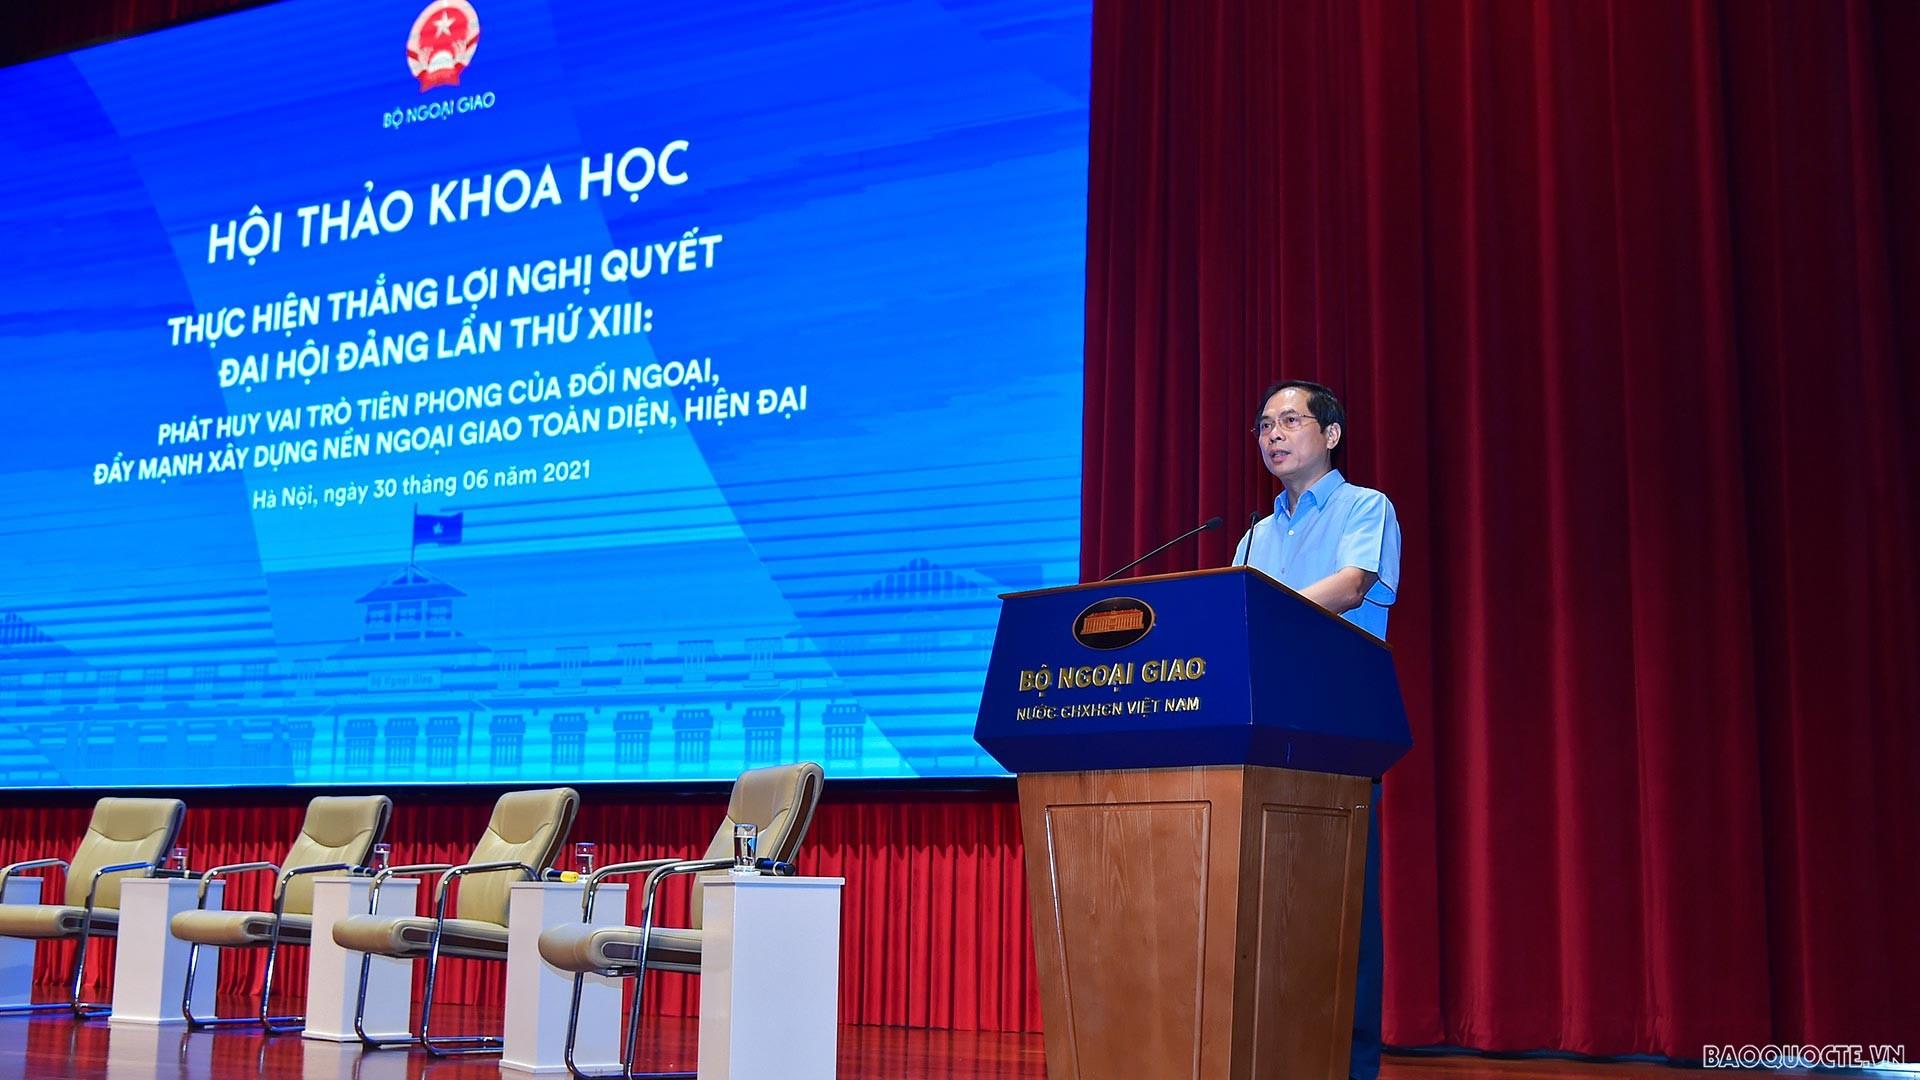 Khai mạc Hội thảo khoa học về đẩy mạnh xây dựng nền ngoại giao toàn diện, hiện đại, thực hiện thắng lợi Nghị quyết Đại hội XIII